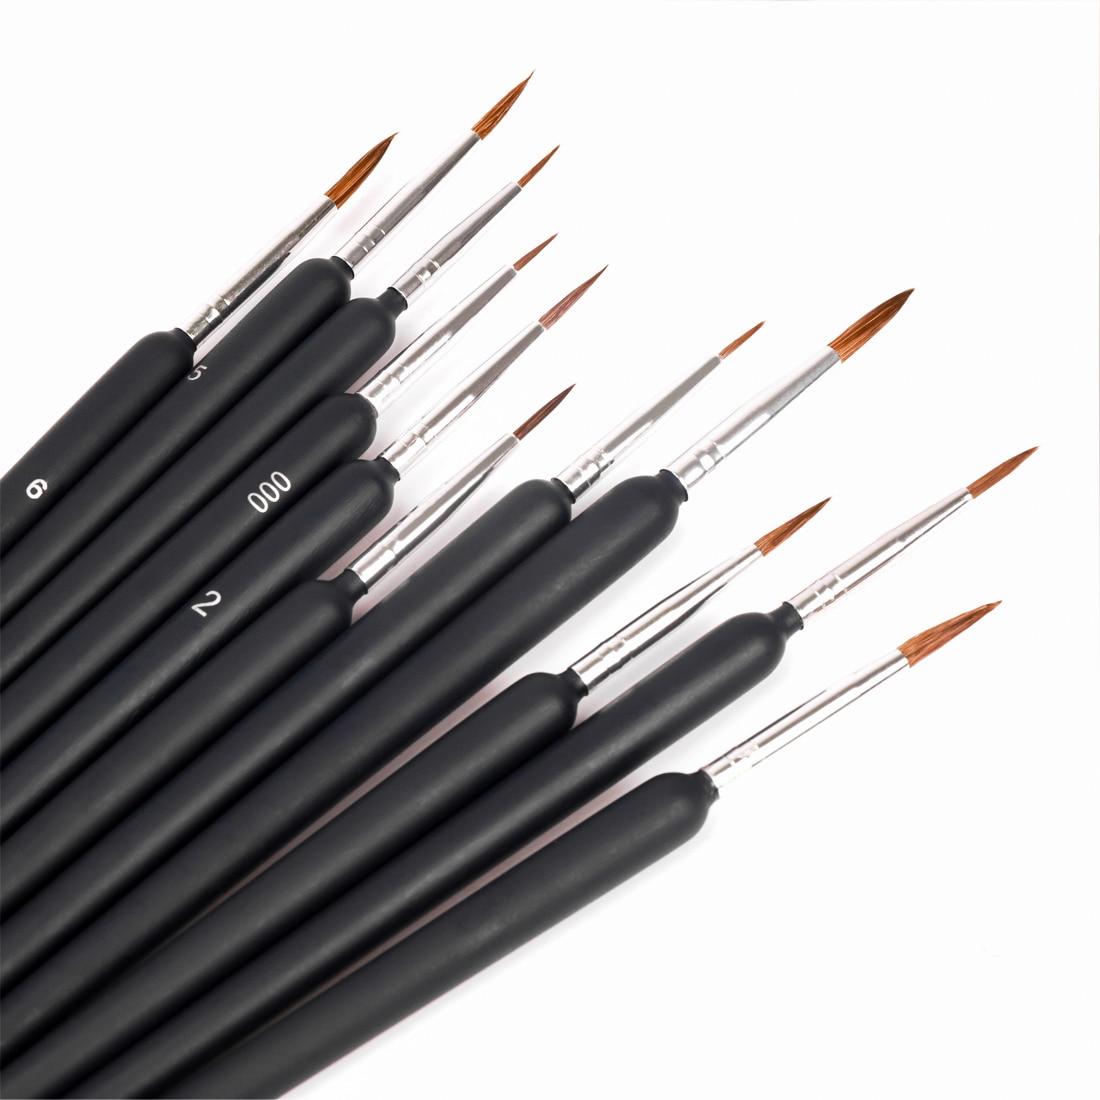 10 шт. миниатюрный набор кистей для рисования, Профессиональные Нейлоновые крюк линия ручка арт лайнер для рисования для обучения нанесению ...